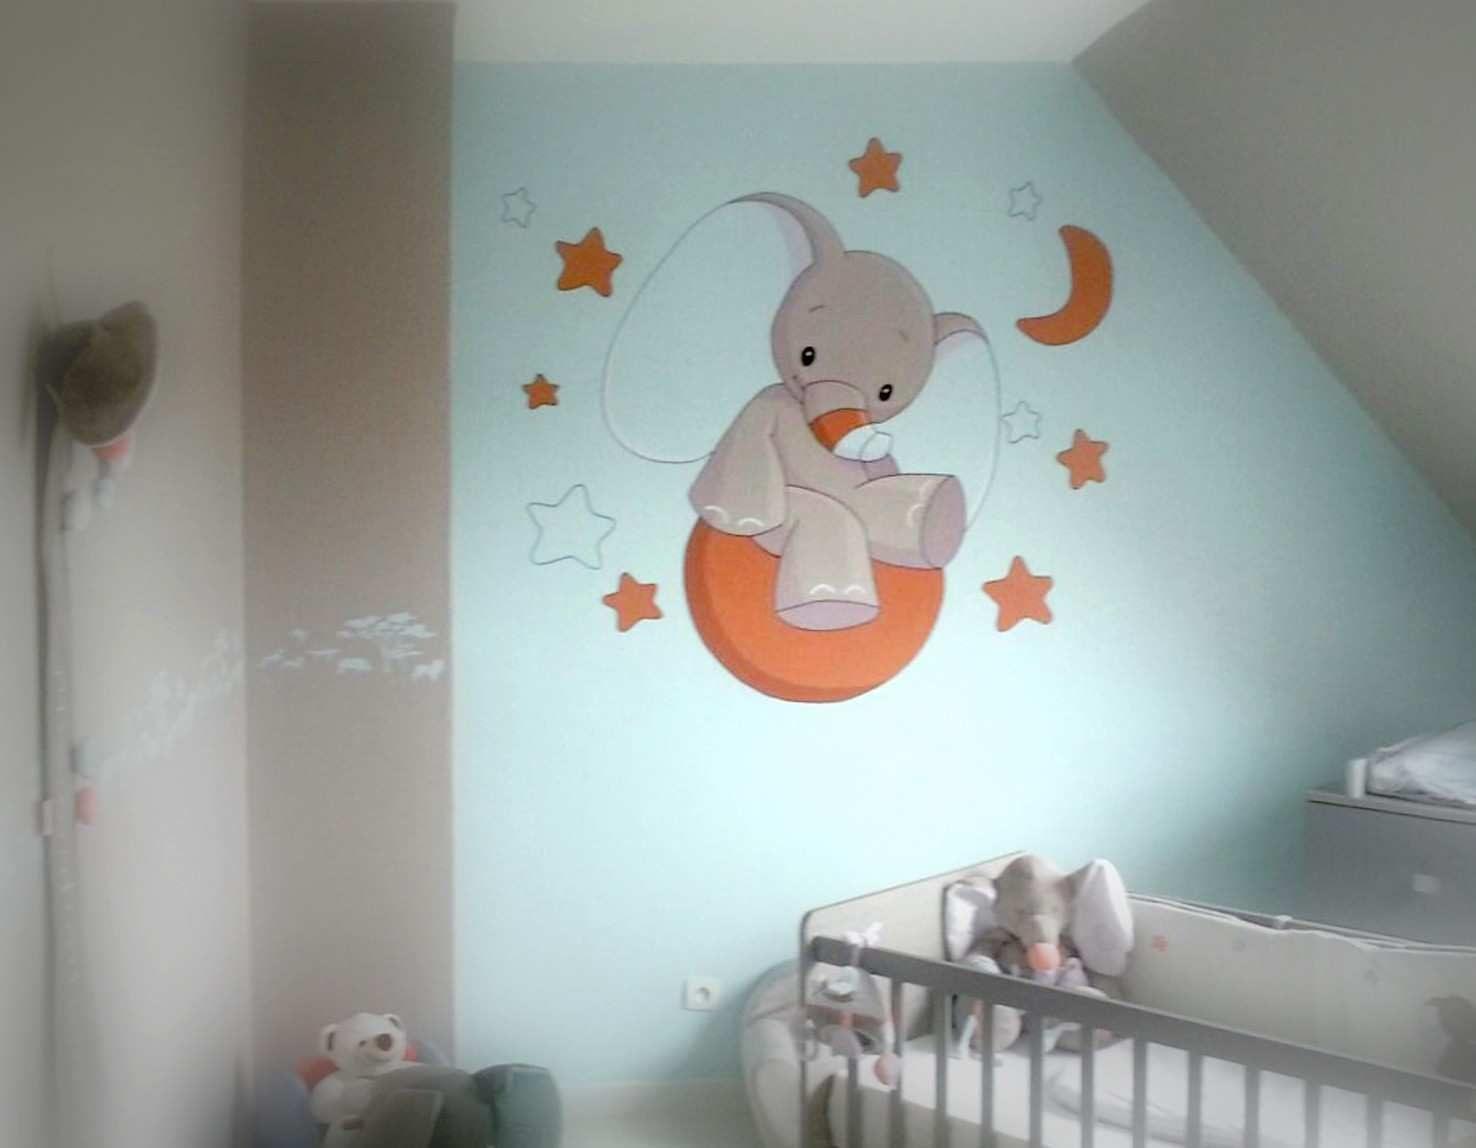 Tour De Lit Bébé Mixte Inspirant Tableau Peinture Pour Chambre Bébé Lovely Papier Peint Chambre Bébé